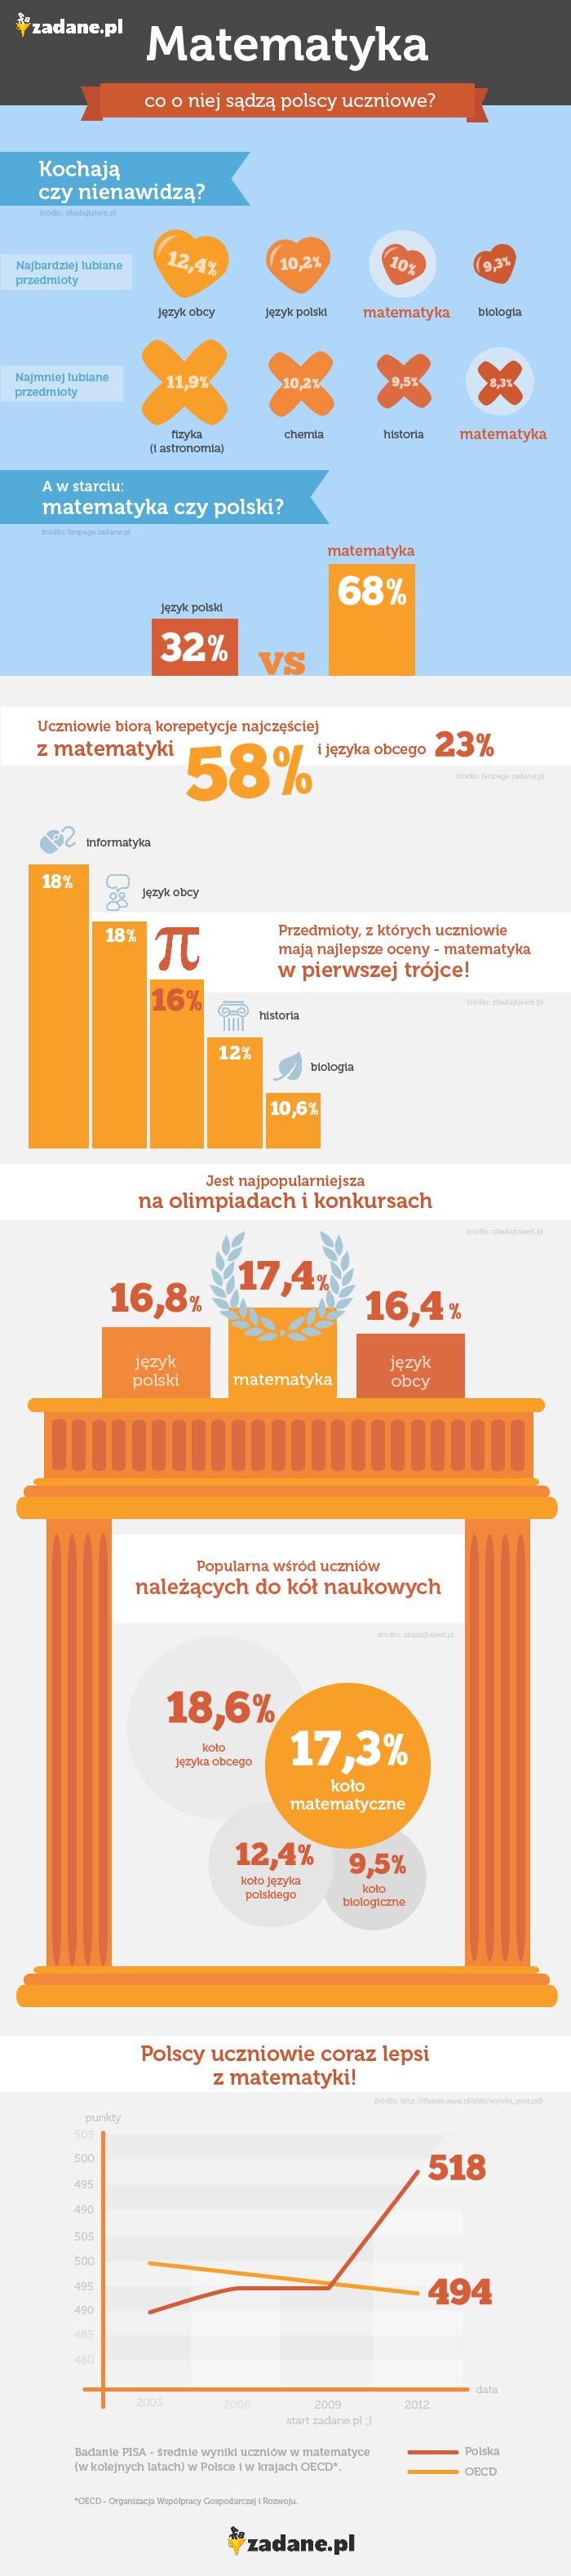 Matematyka - co sądza o niej polscy uczniowie